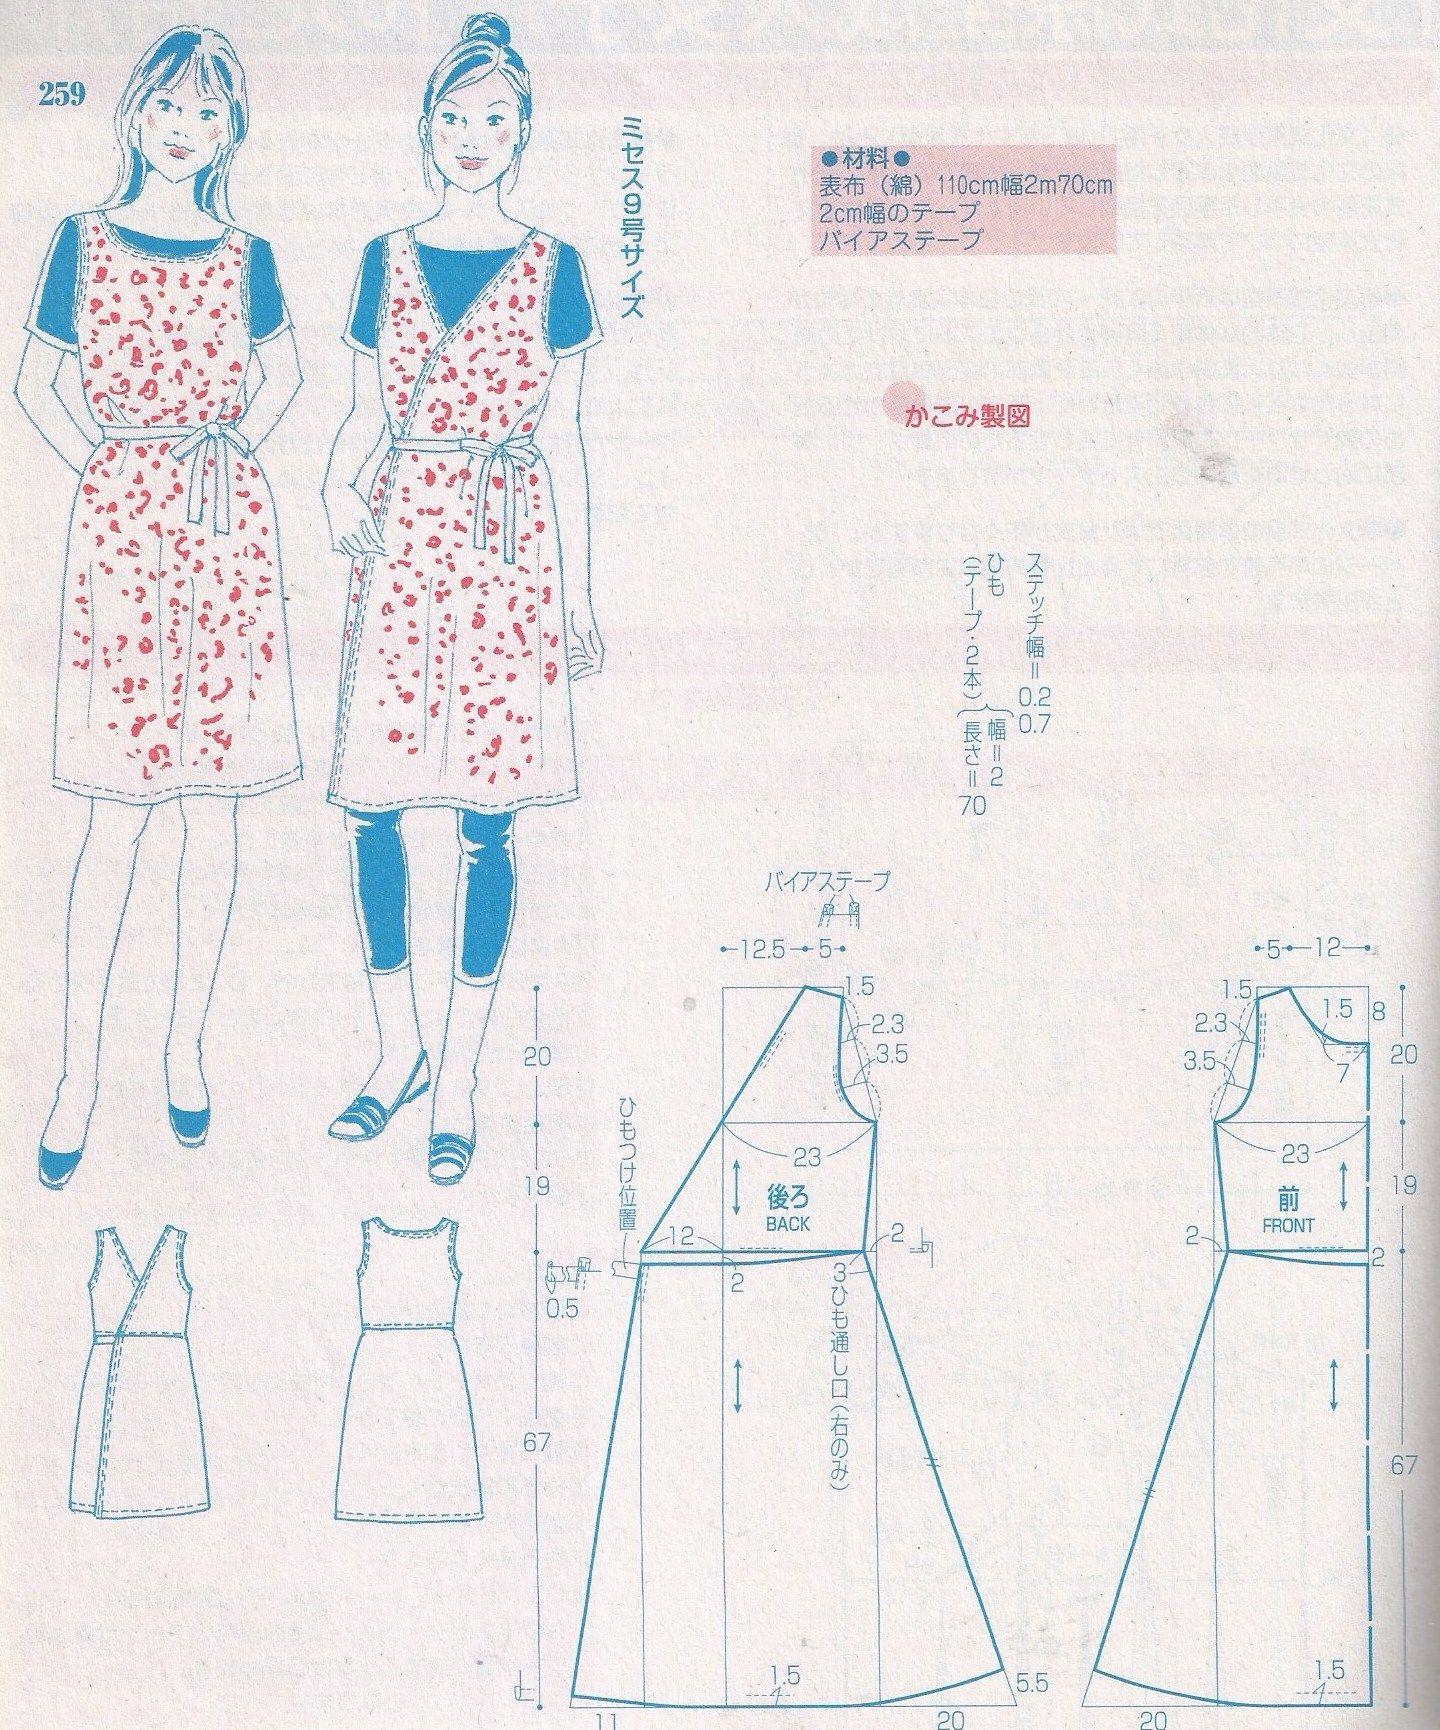 Pin de 김수영 en 원피스 | Pinterest | Patrones, Costura y Patrones ...